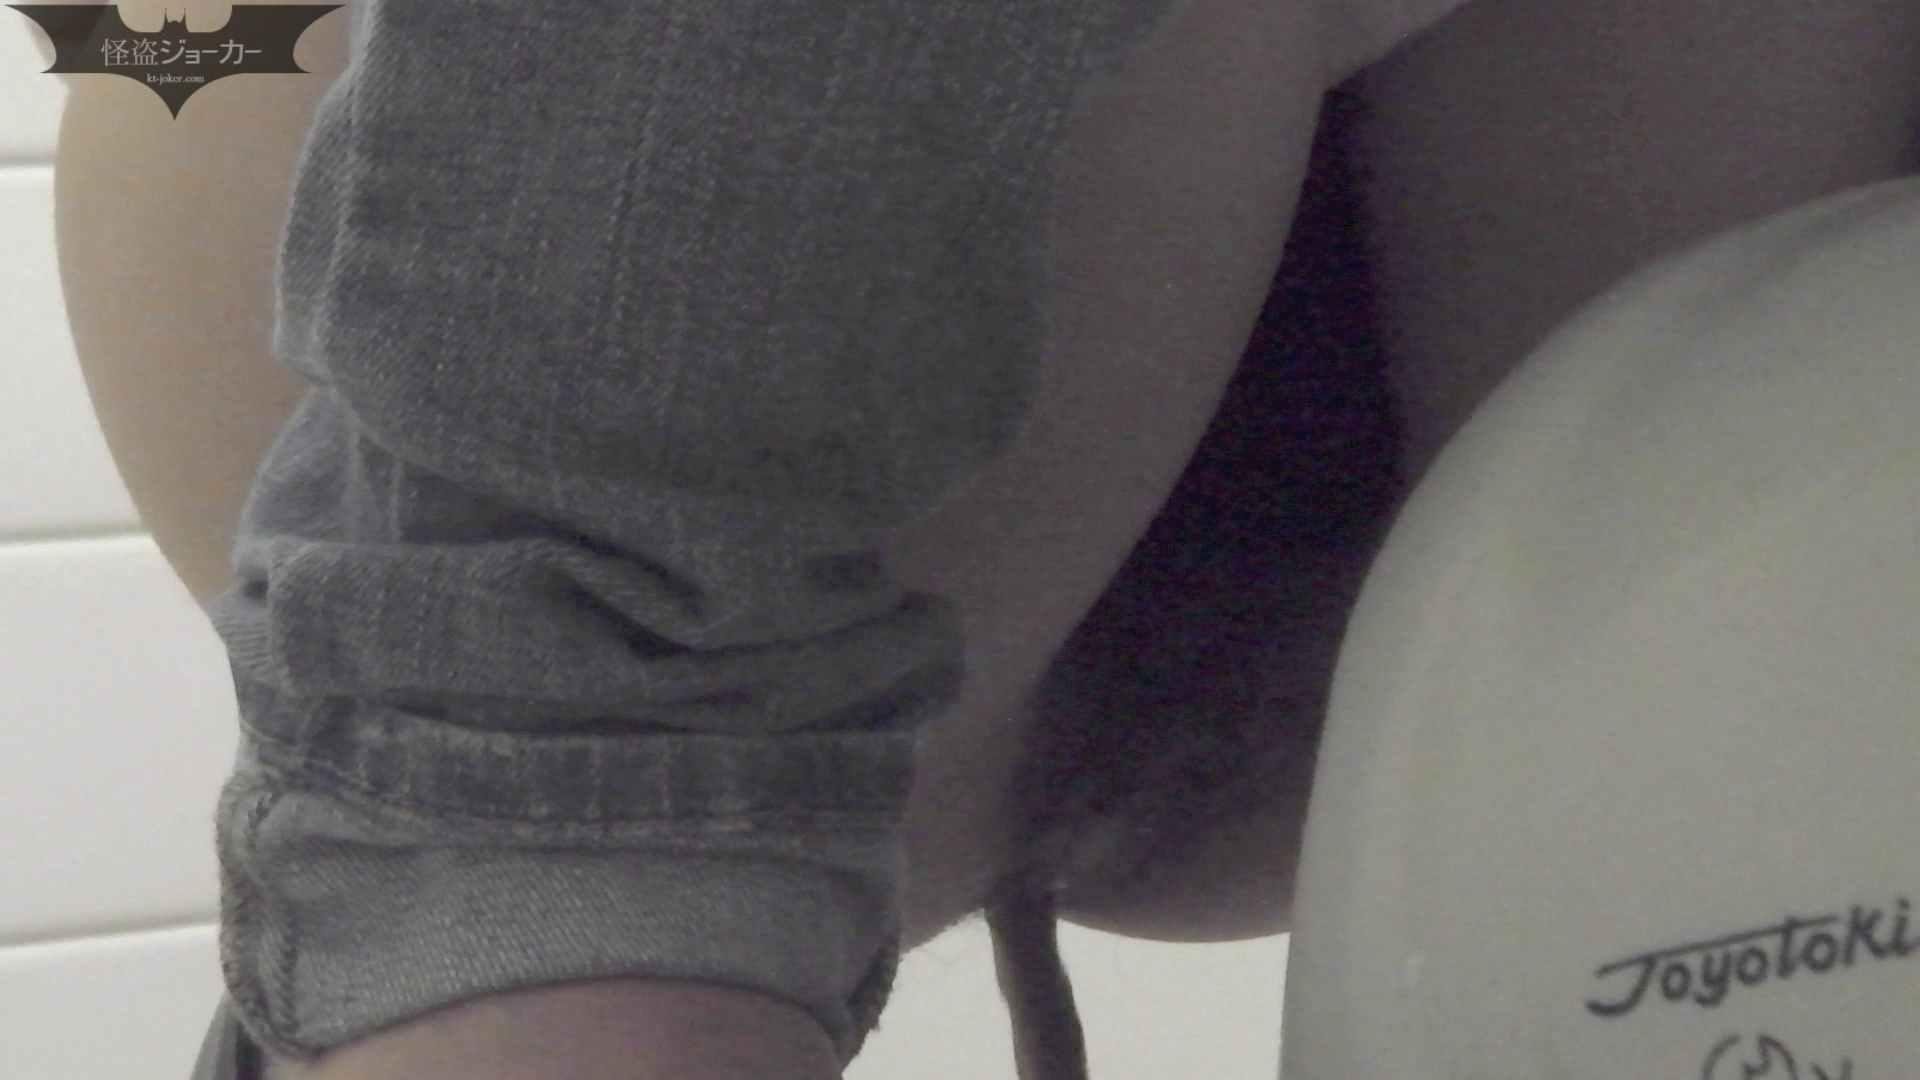 洗面所特攻隊 vol.46続編 サムネの子の・・・【2015・23位】 エッチすぎるOL達 盗み撮り動画キャプチャ 64連発 11